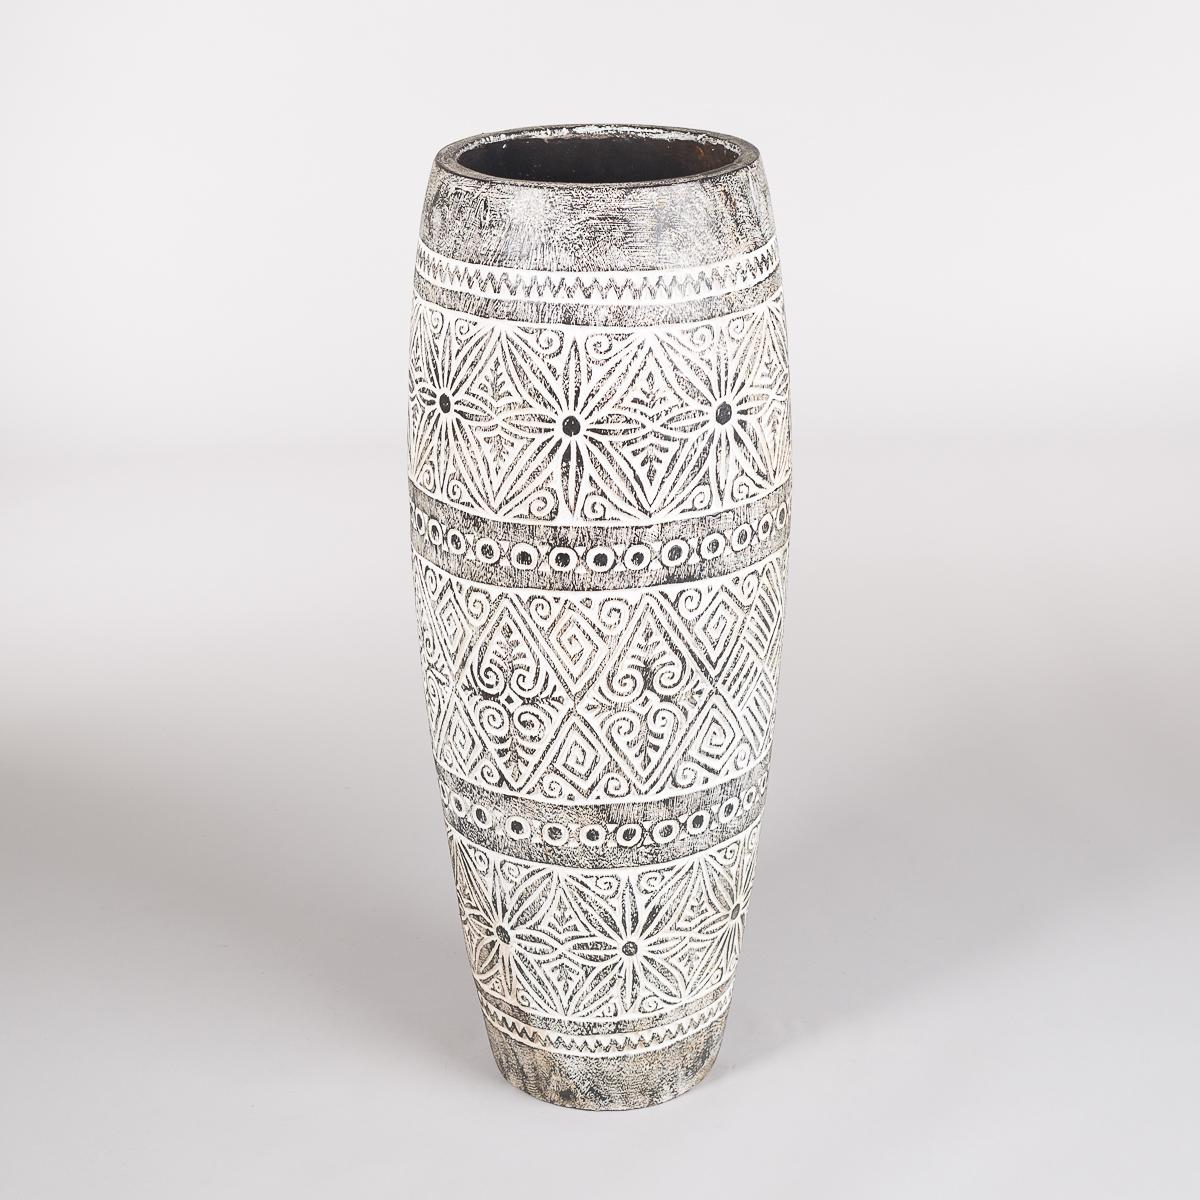 Uthulet potte i tamarind tre, Høyde 80 cm, farge Sort / hvit-0